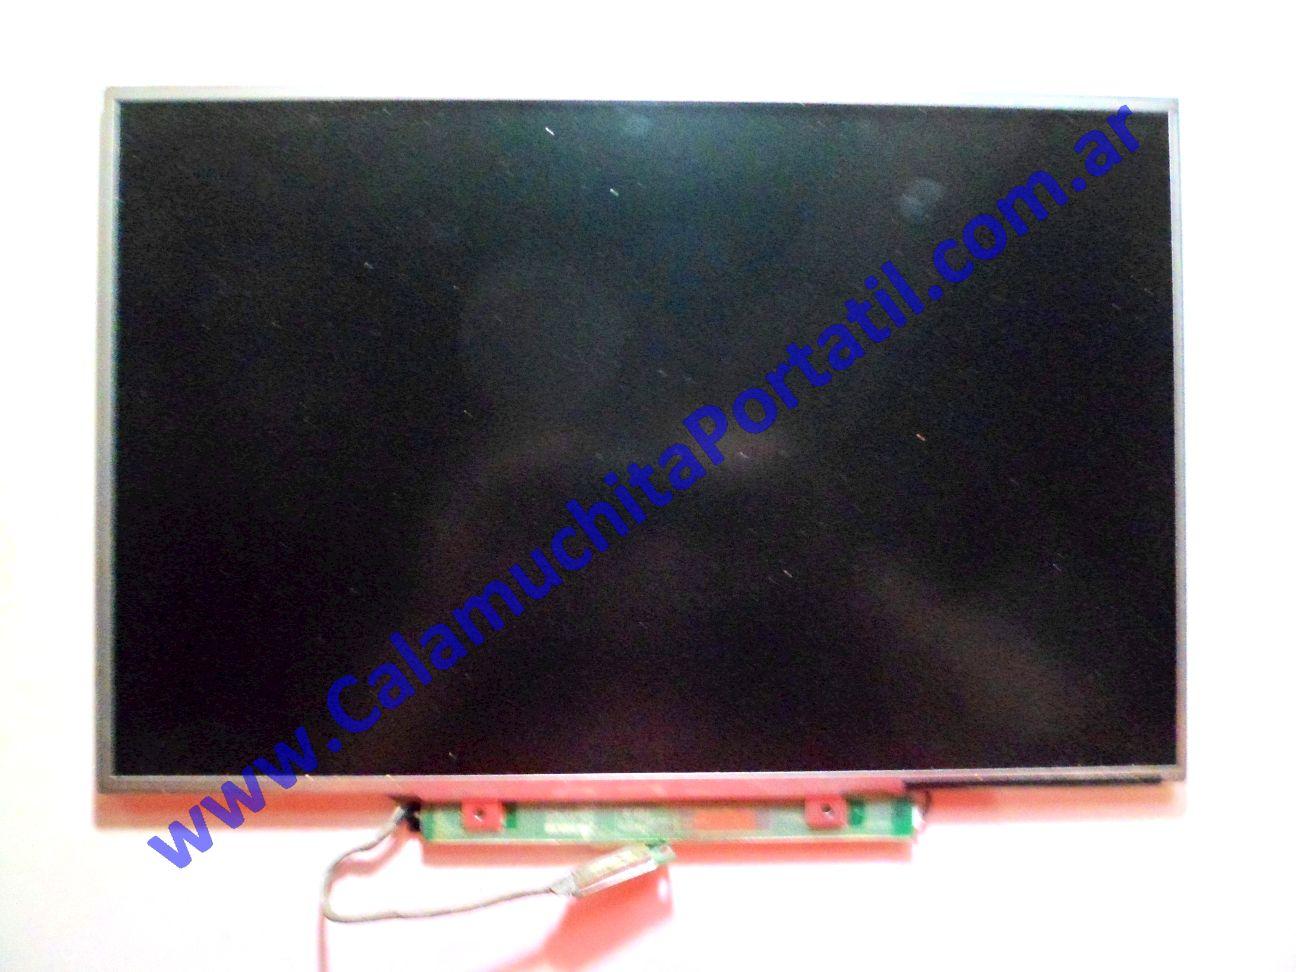 0002DIA Display Compaq Presario X1000